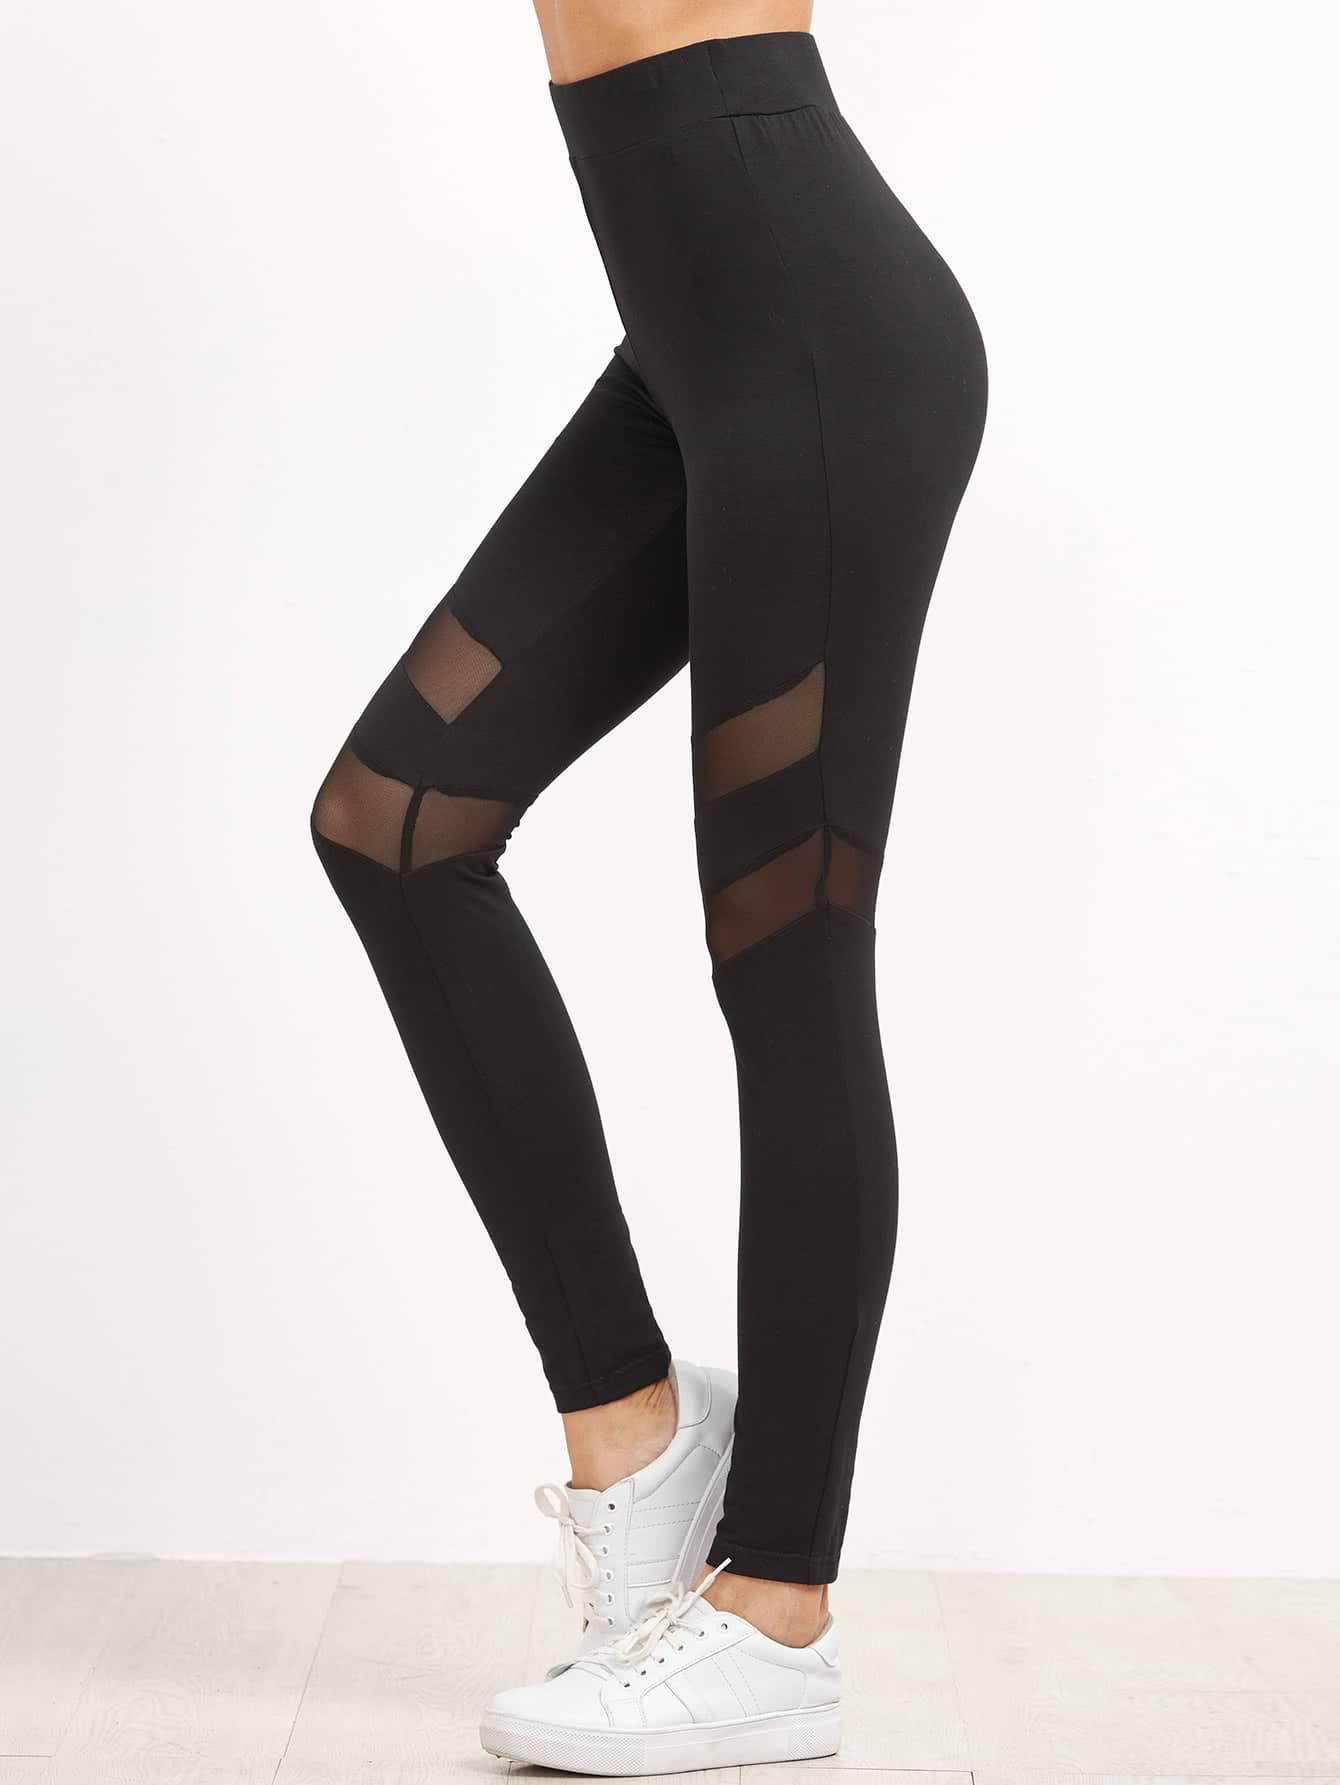 High Waist Leggings With Mesh Panel Detail leggings161118703